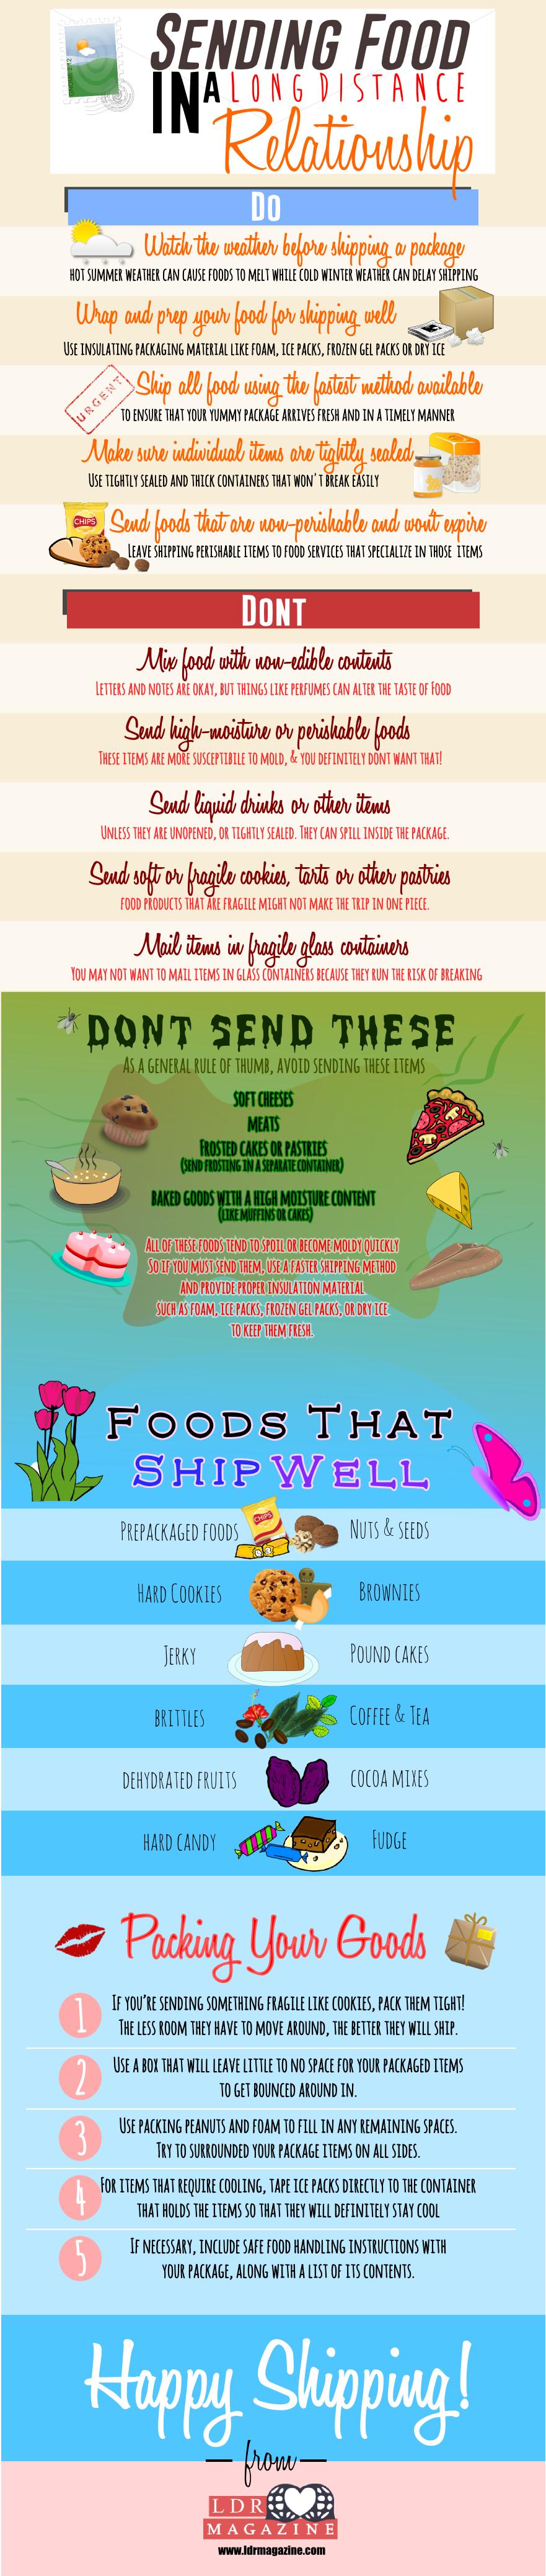 sendingfood